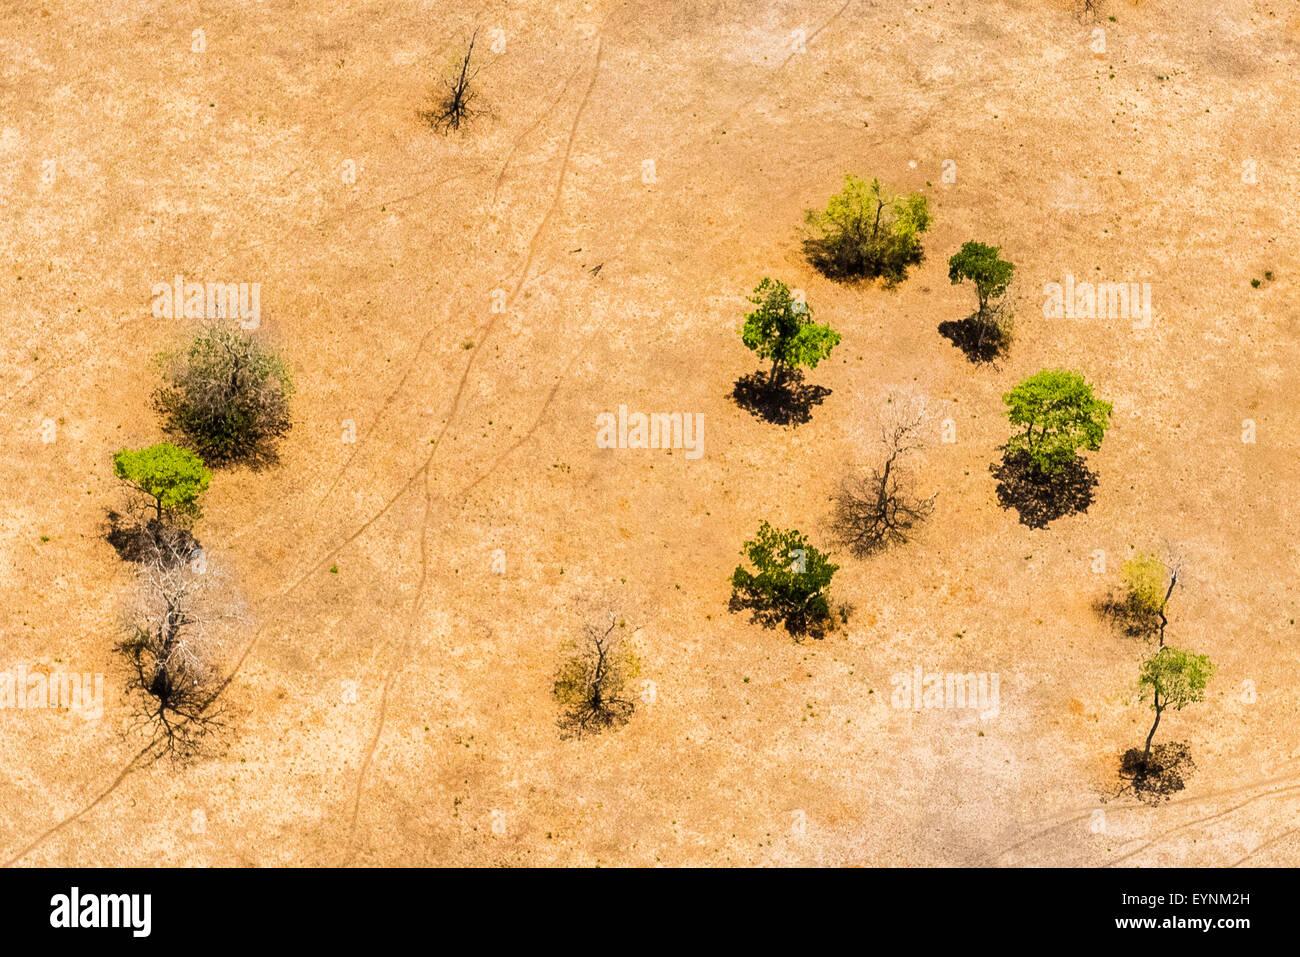 A semi arid scene in northern Costa Rica - Stock Image